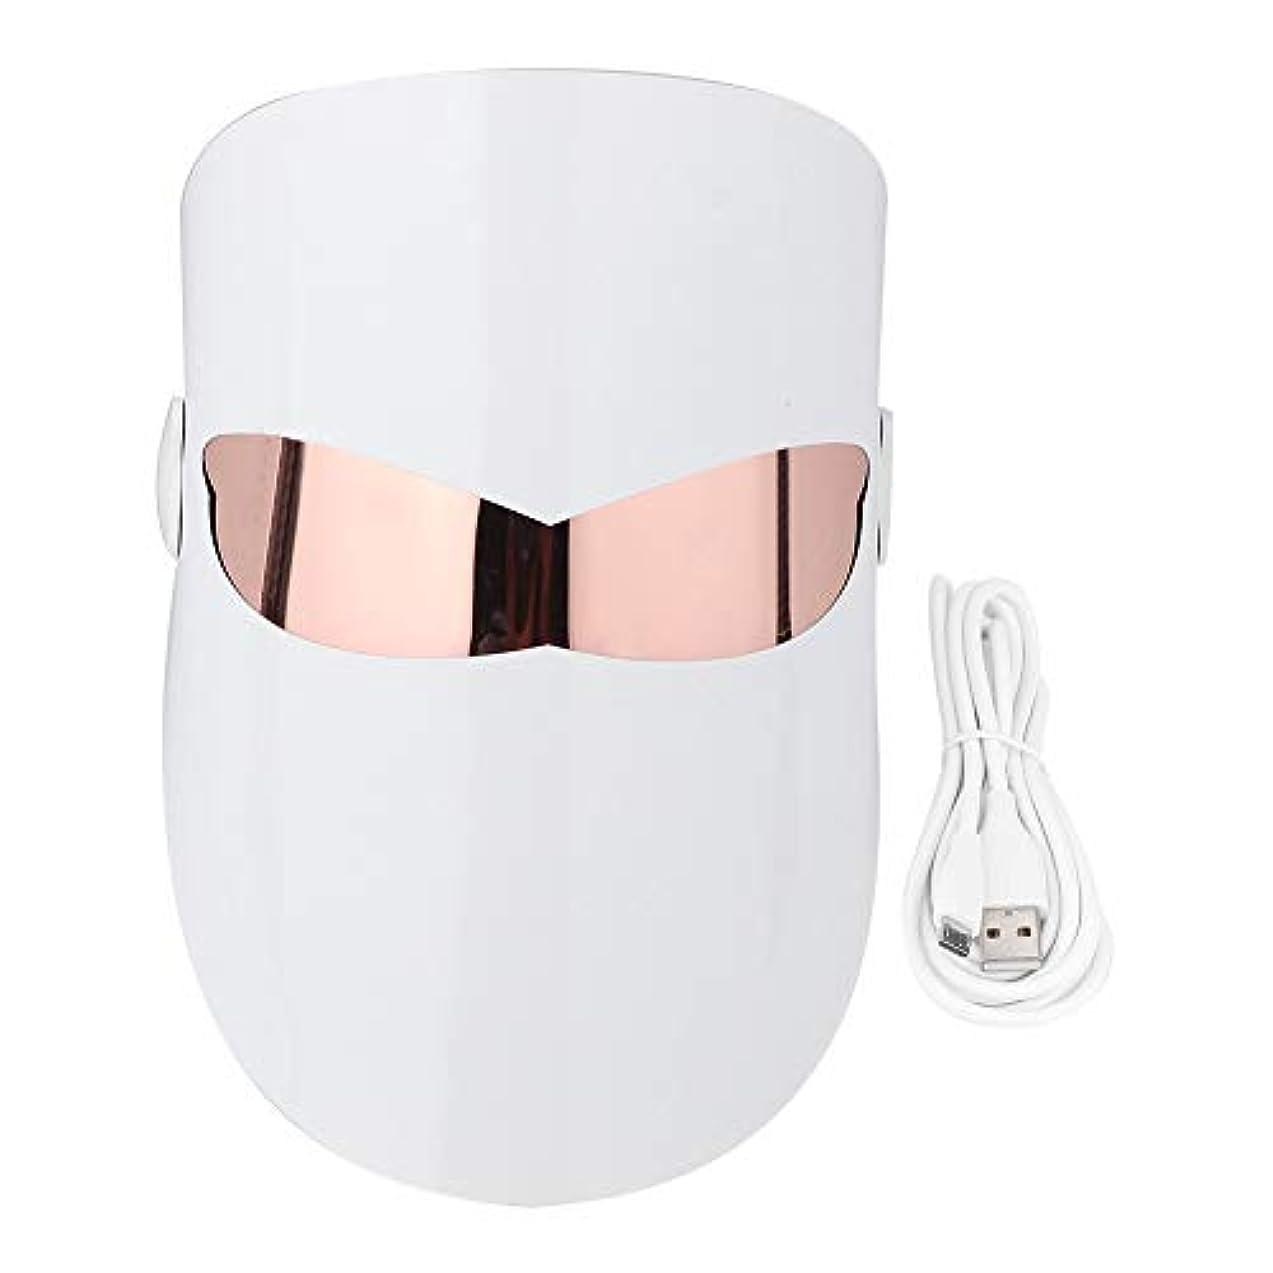 建築家フェザーまたPhoton 32 LEDライトフェイスマスクホワイトニングリジュビネーションマッサージ栄養コラーゲン回復にきび除去スパ美容機器フェイス&ネックスキンケアマスク